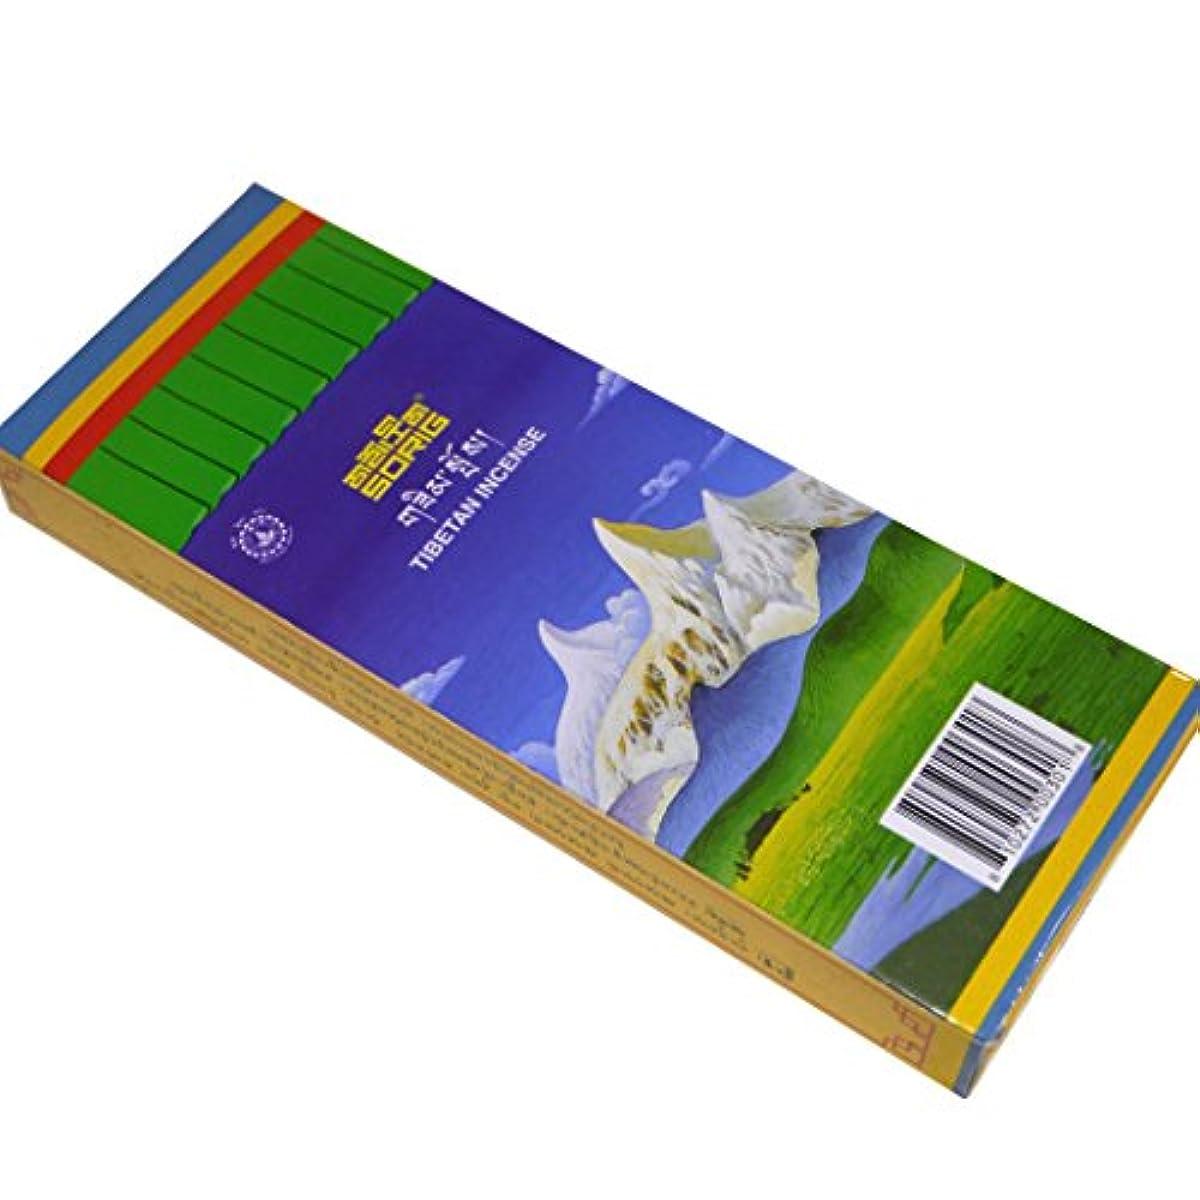 メインバック一掃するメンツィーカン チベット医学暦法研究所メンツィーカンのお香【SORIGソリグ ビッグ】